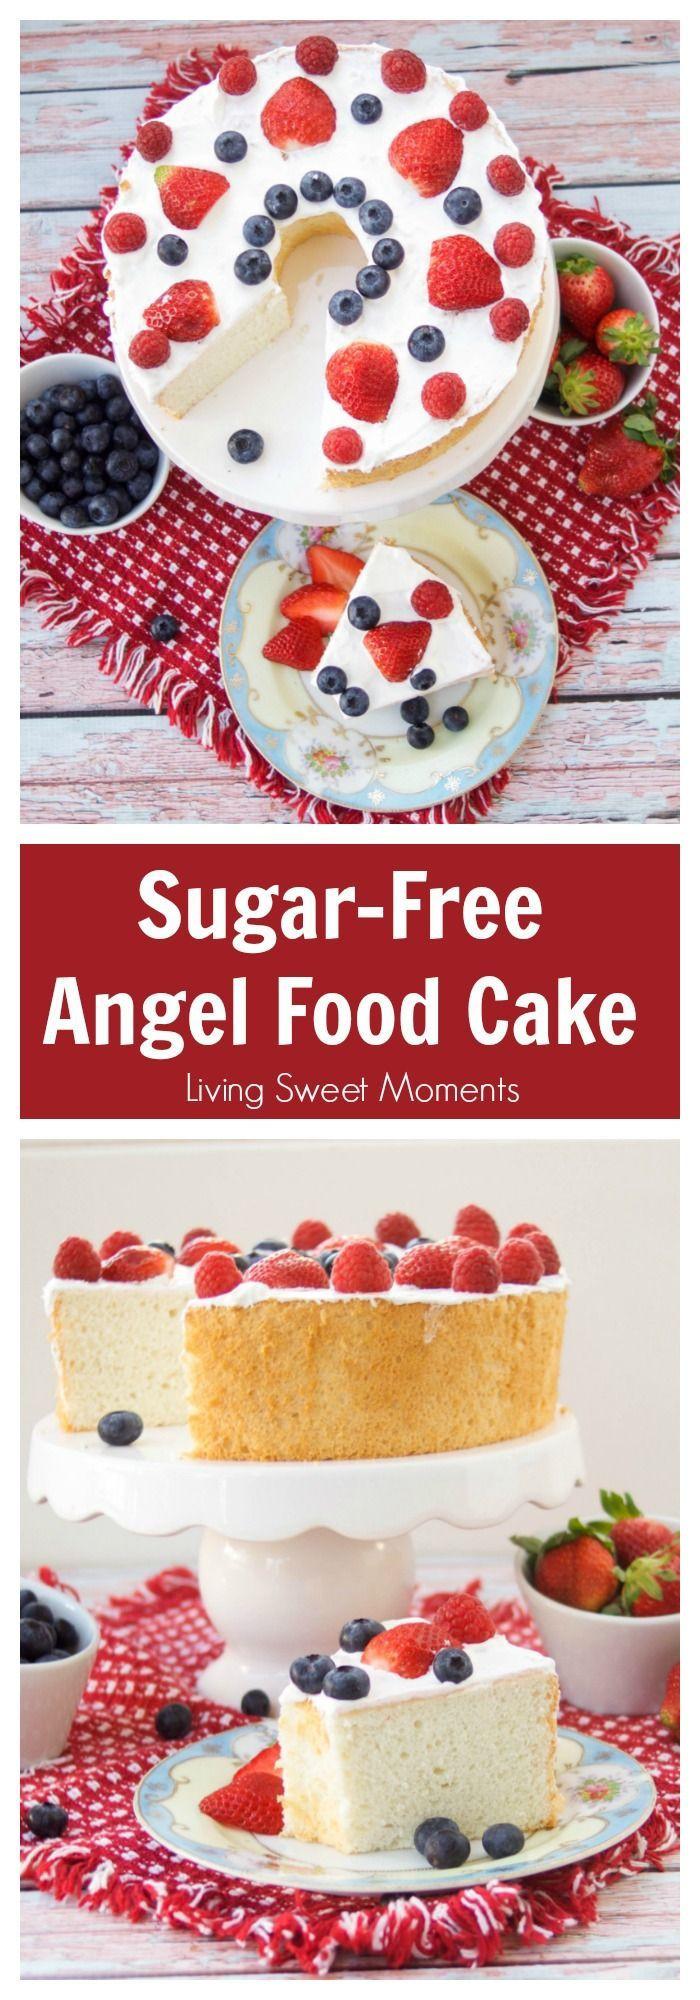 No Sugar Desserts For Diabetics  1000 ideas about Diabetic Desserts on Pinterest